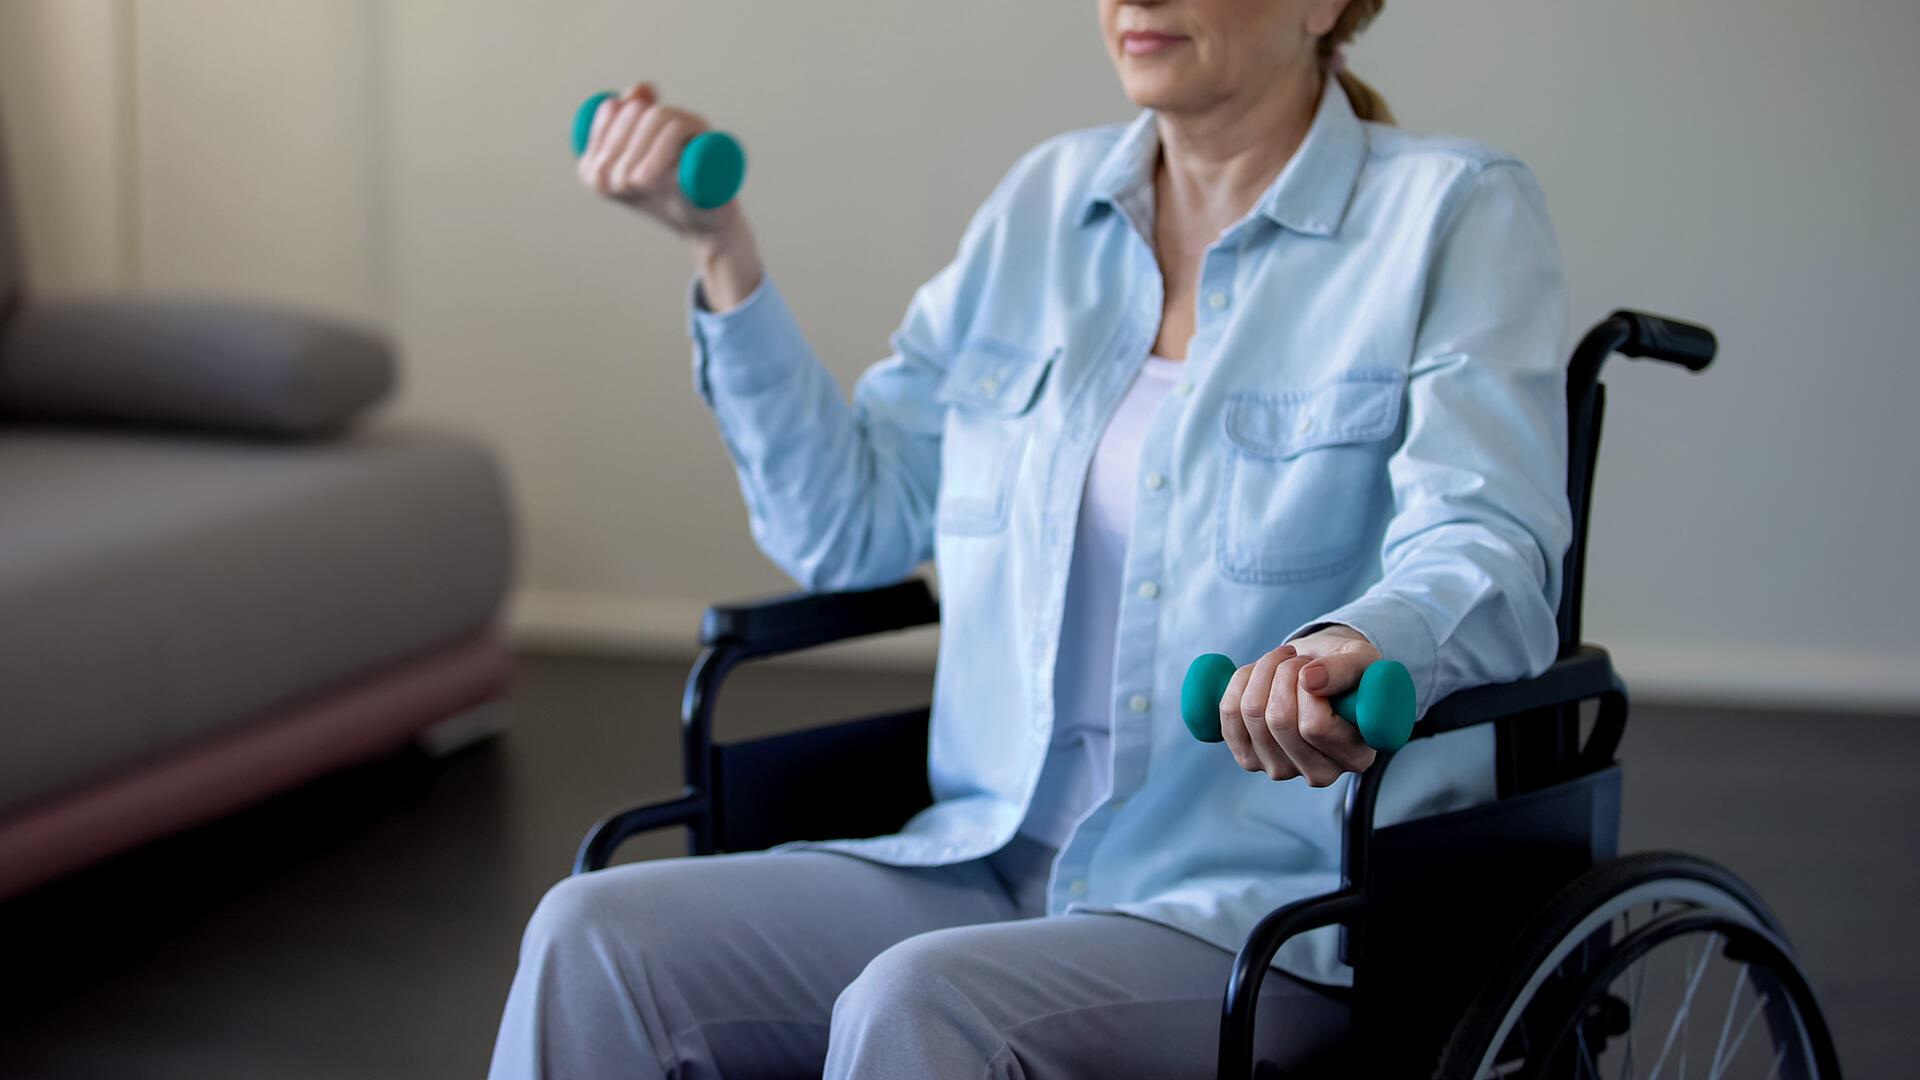 Priorité Santé vous propose un reportage exceptionnel, en 3 volets, auprès des patients para et tétraplégiques de l'hôpital Raymond Poincaré de Garches, en banlieue parisienne.